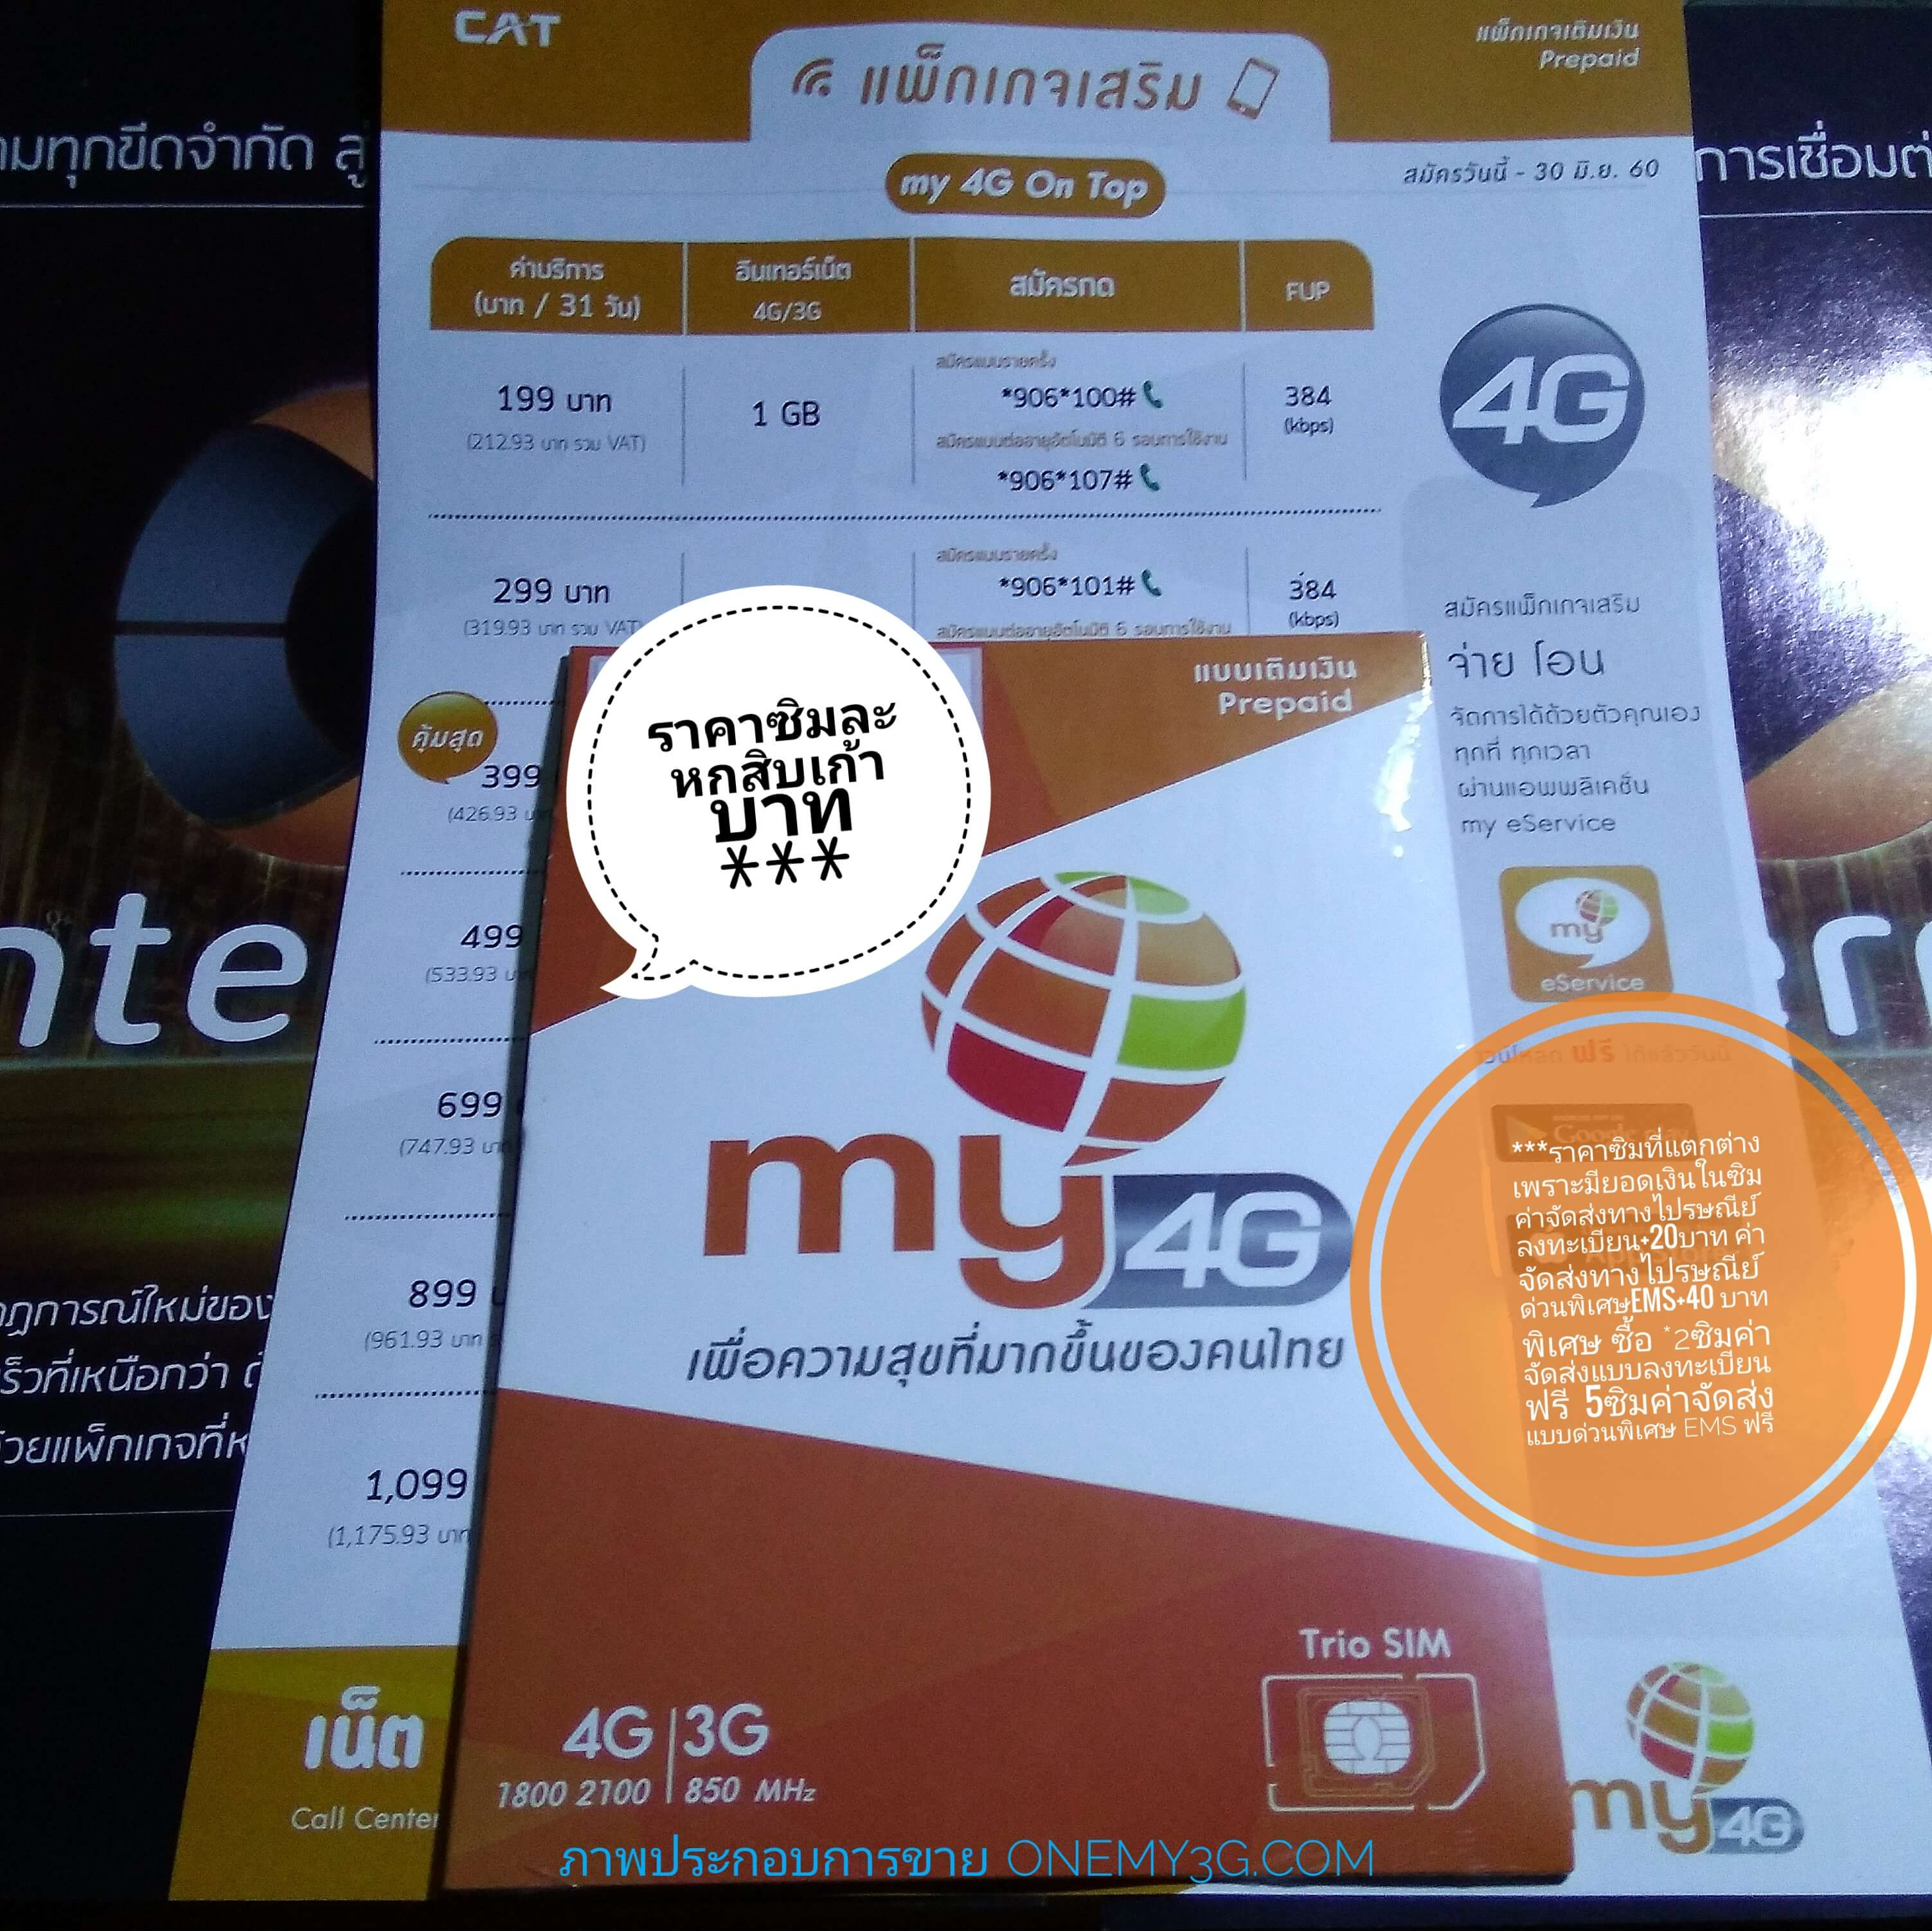 SimmybyCAT โปรเสริมอินเทอร์เน็ตสุดคุ้ม 9-512Kbps 24ชั่วโมงมียอดเงินในซิม10 บาทโบนัสในซิม30 บาท